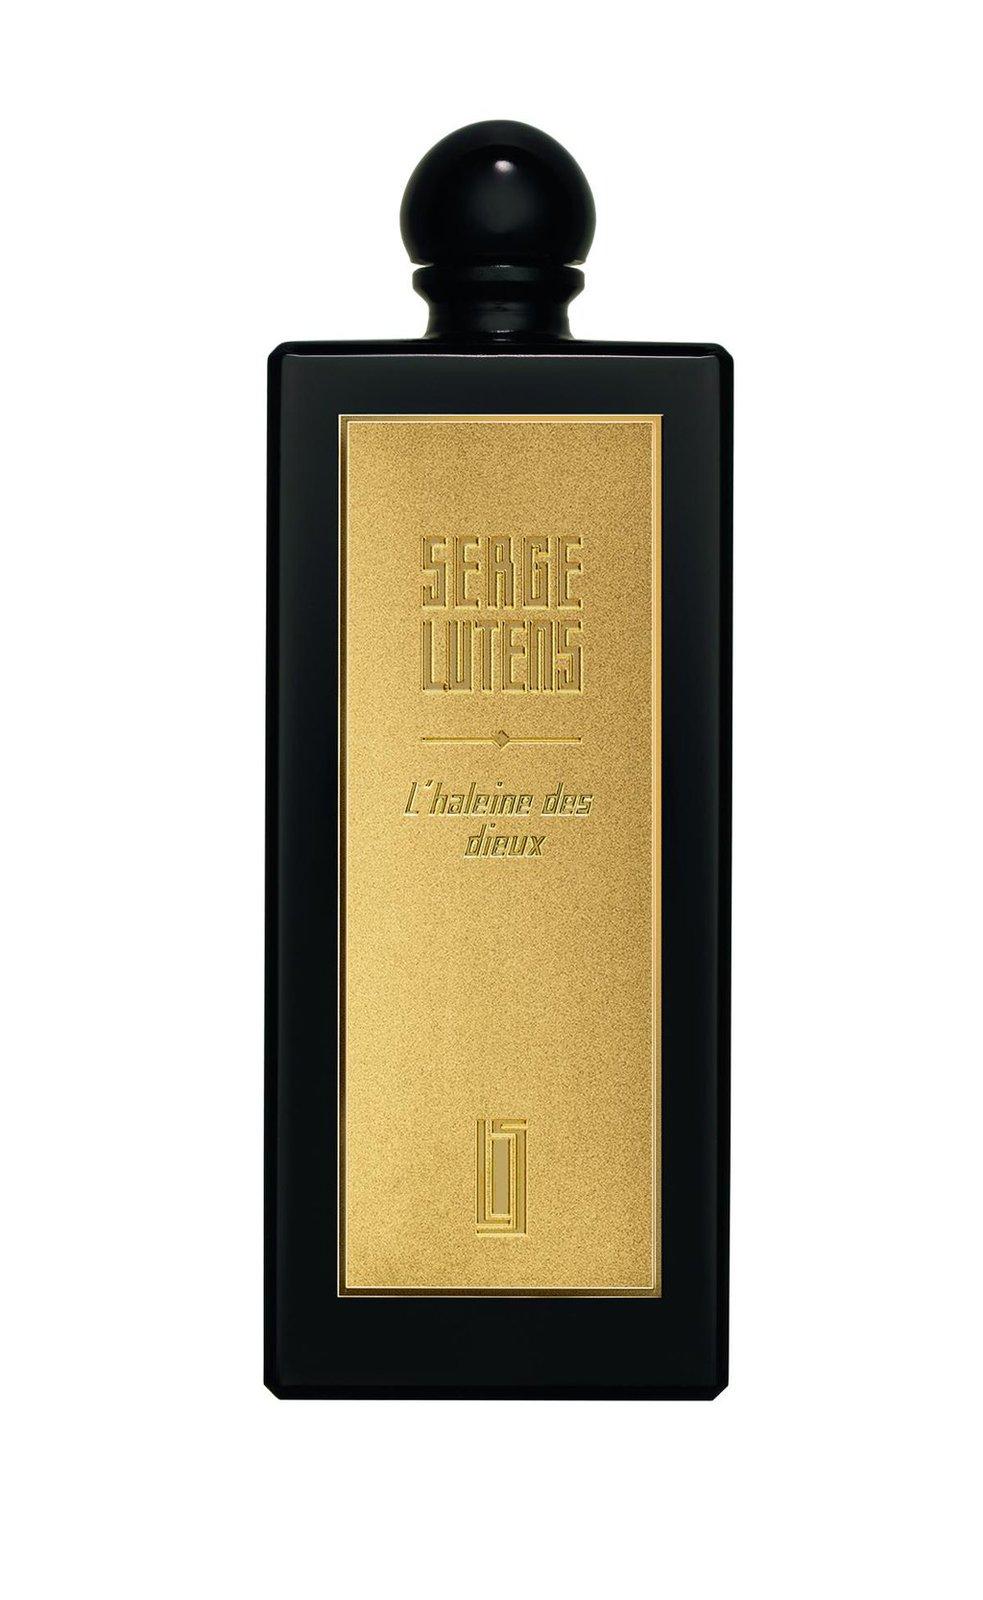 L'HALEINE DES DIEUX by SERGE LUTENS 5ml Travel Spray PARFUM Cistus Pine Vanilla